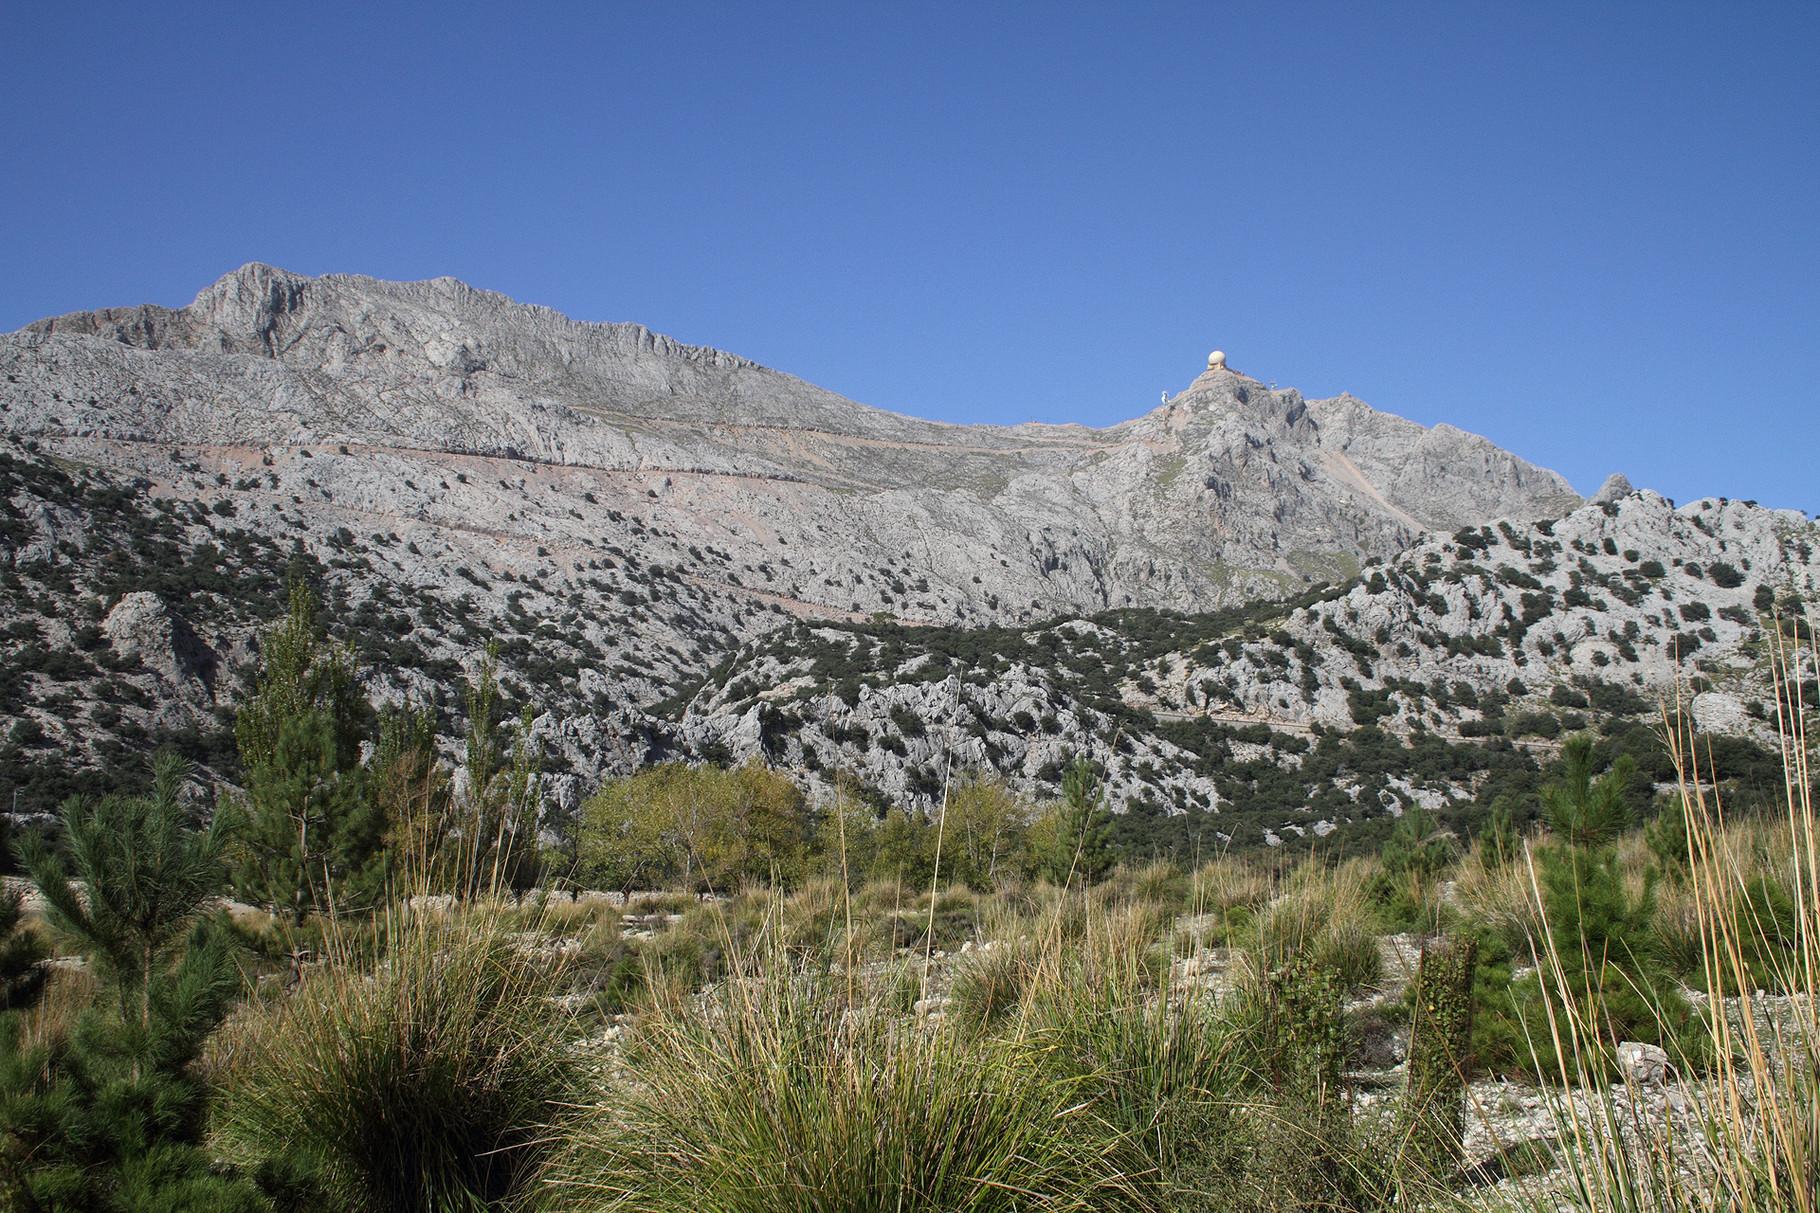 Am Schluss machen wir einen Abstecher ins Tramuntana-Gebirge mit dem Puig Major, dem höchsten Berg von Mallorca